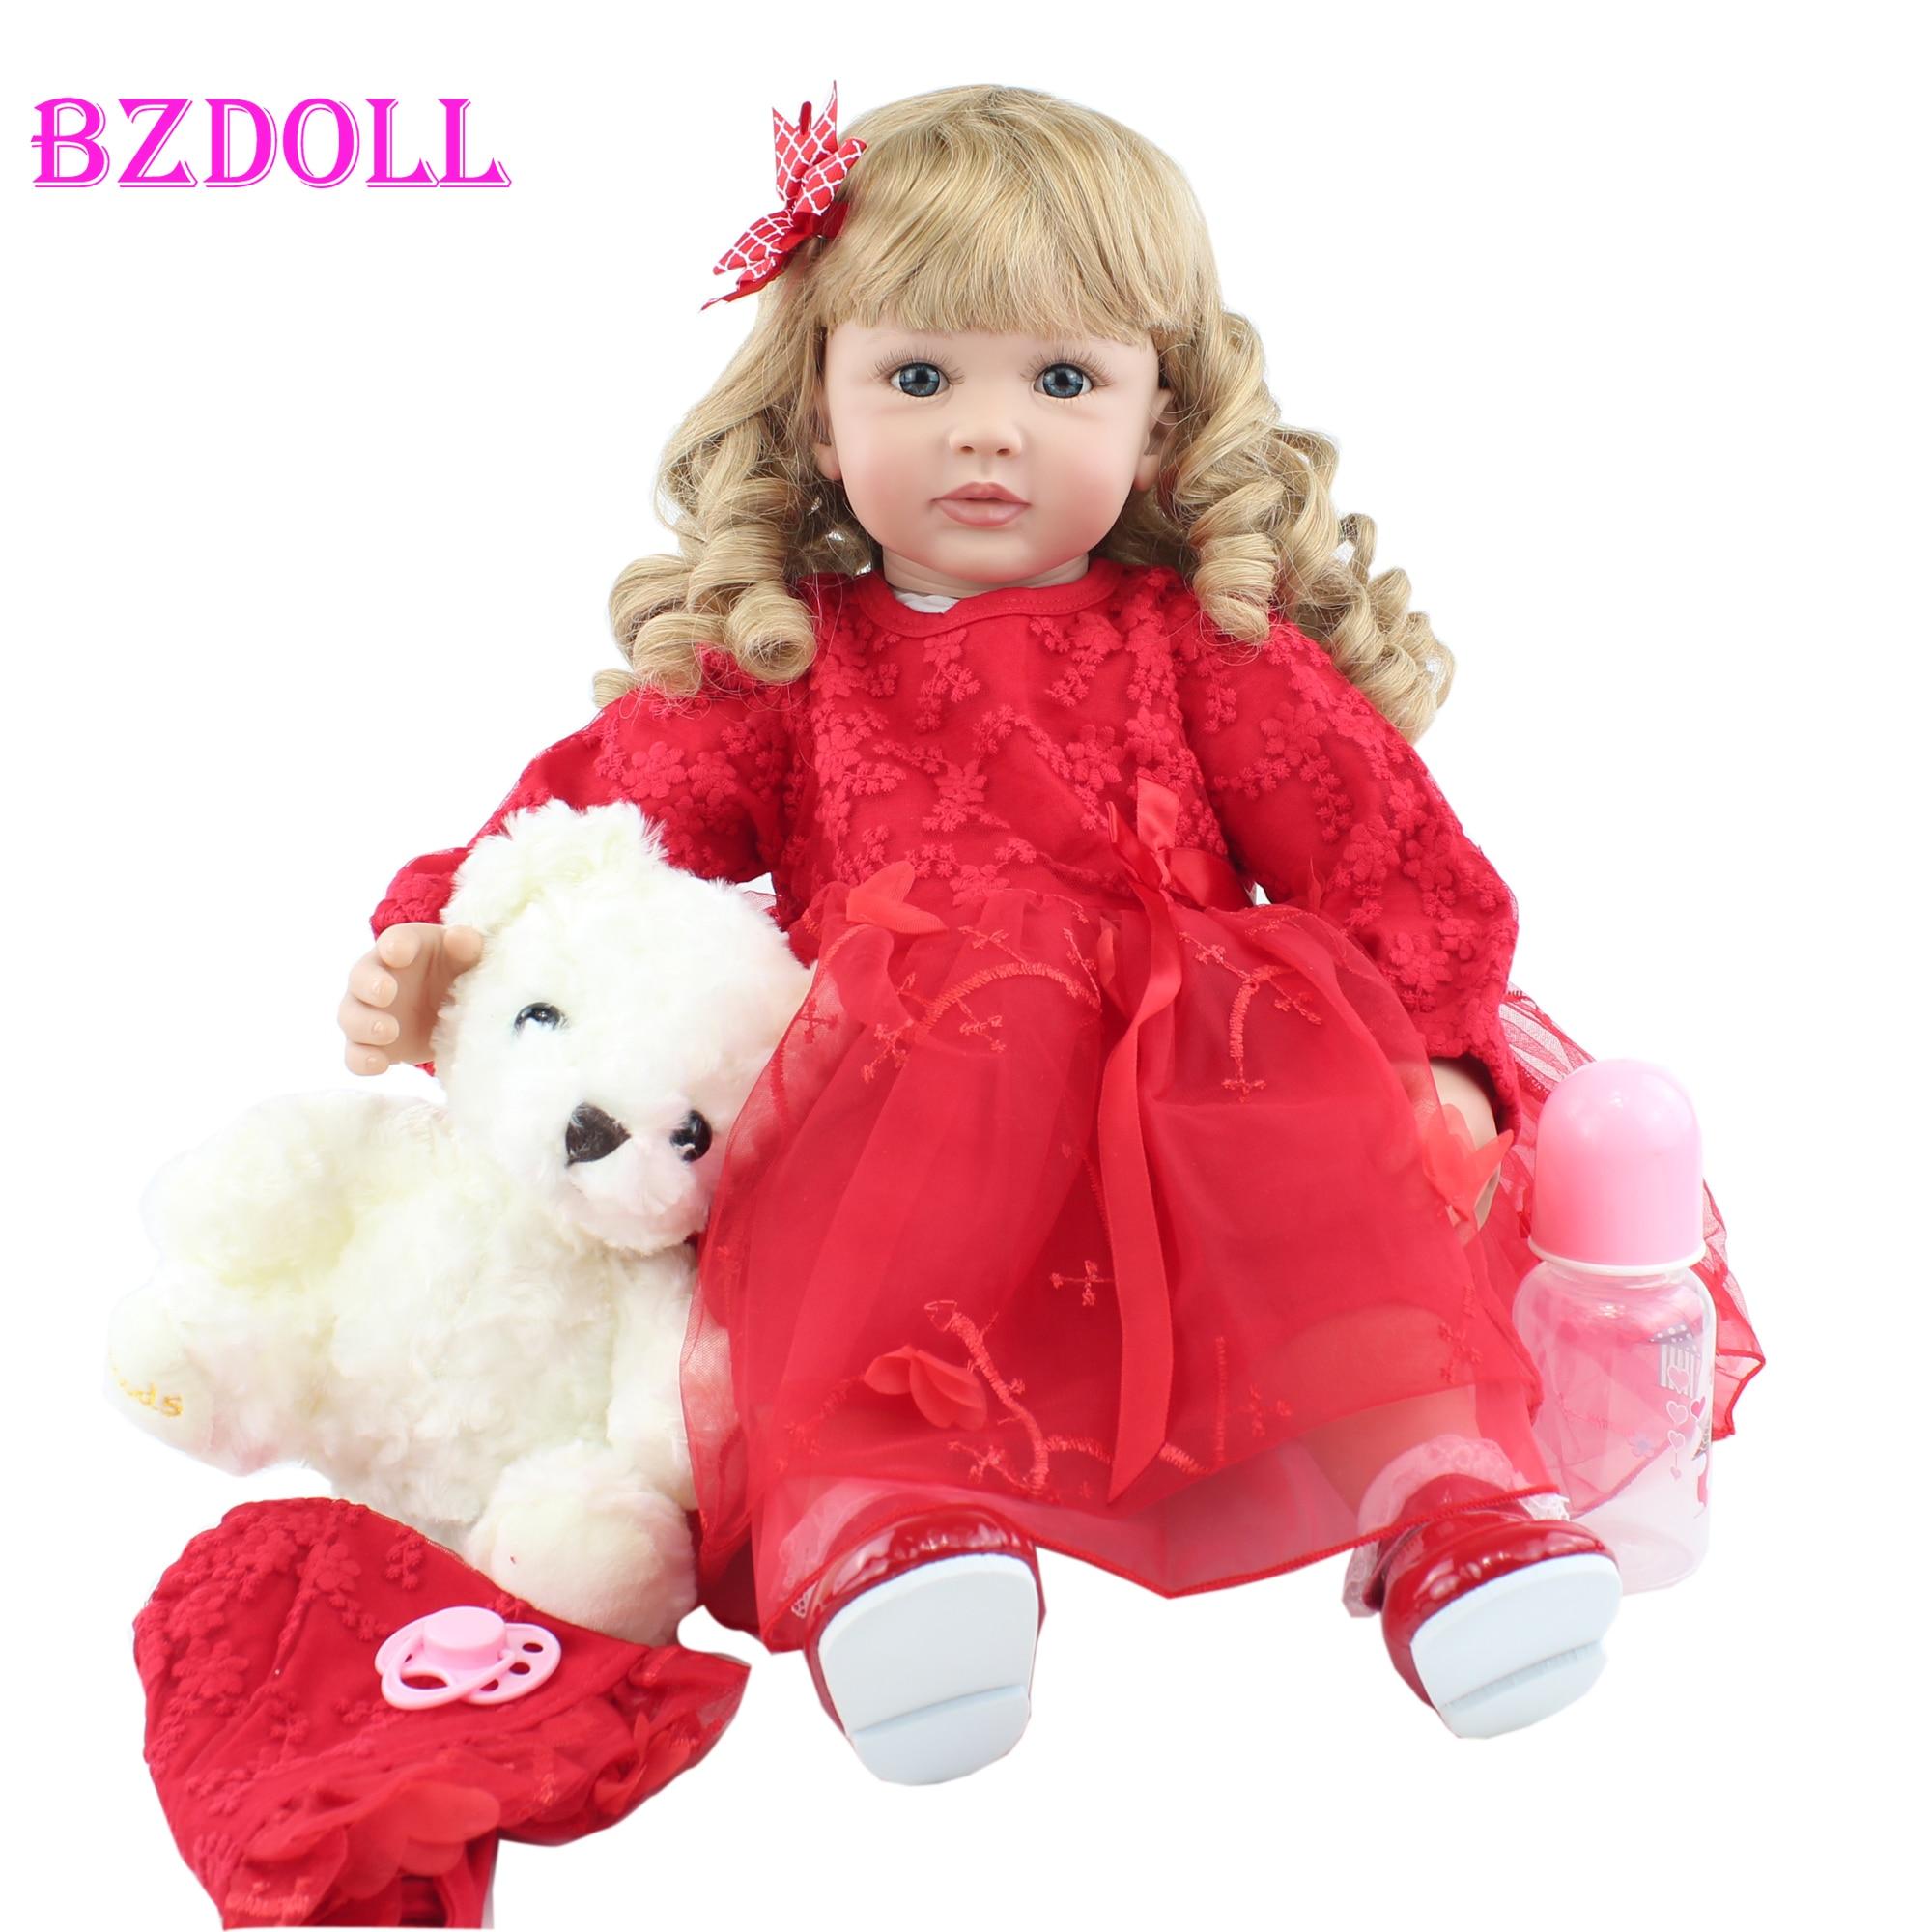 Bzodol – poupée en Silicone souple de 60cm, cheveux longs blonds, princesse Viny Boneca, joli cadeau danniversaire pour fille, jouet maison de jeu